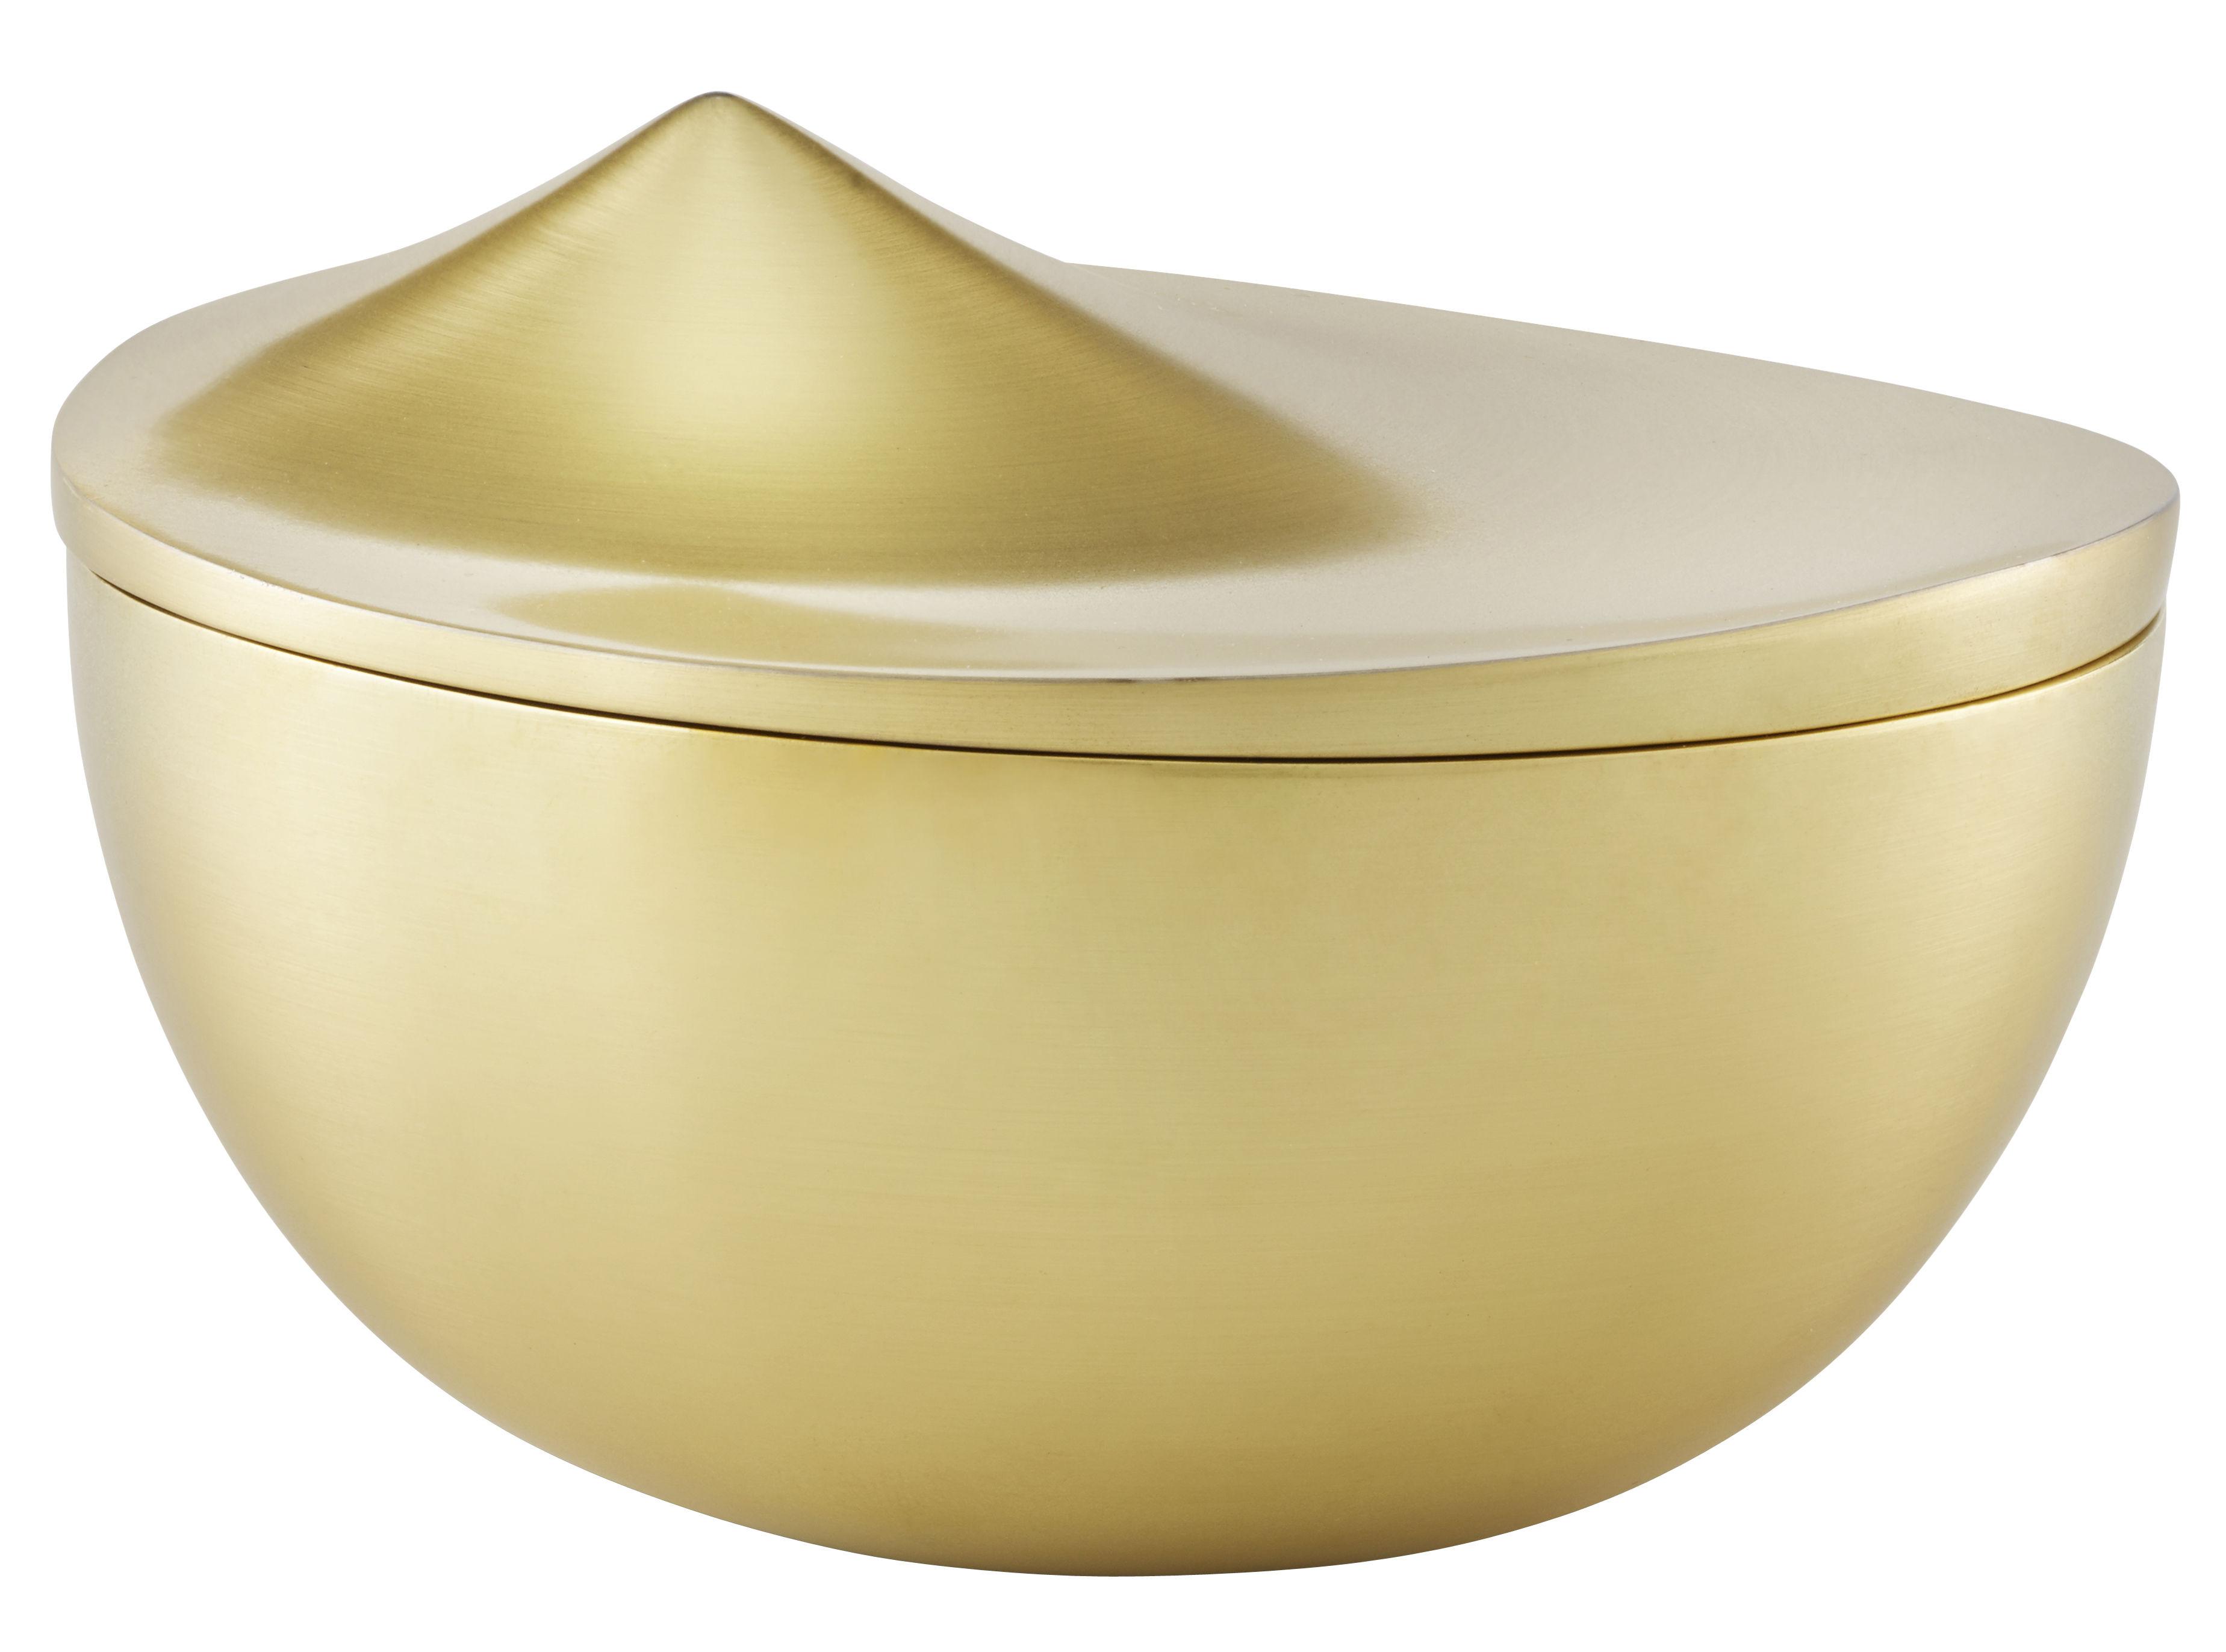 Küche - Dosen, Boxen und Gläser - Peak Medium Schachtel / Messing - Ø 13 cm - Stelton - Medium / gebürstetes Messing - Aluminium, messingplatiert